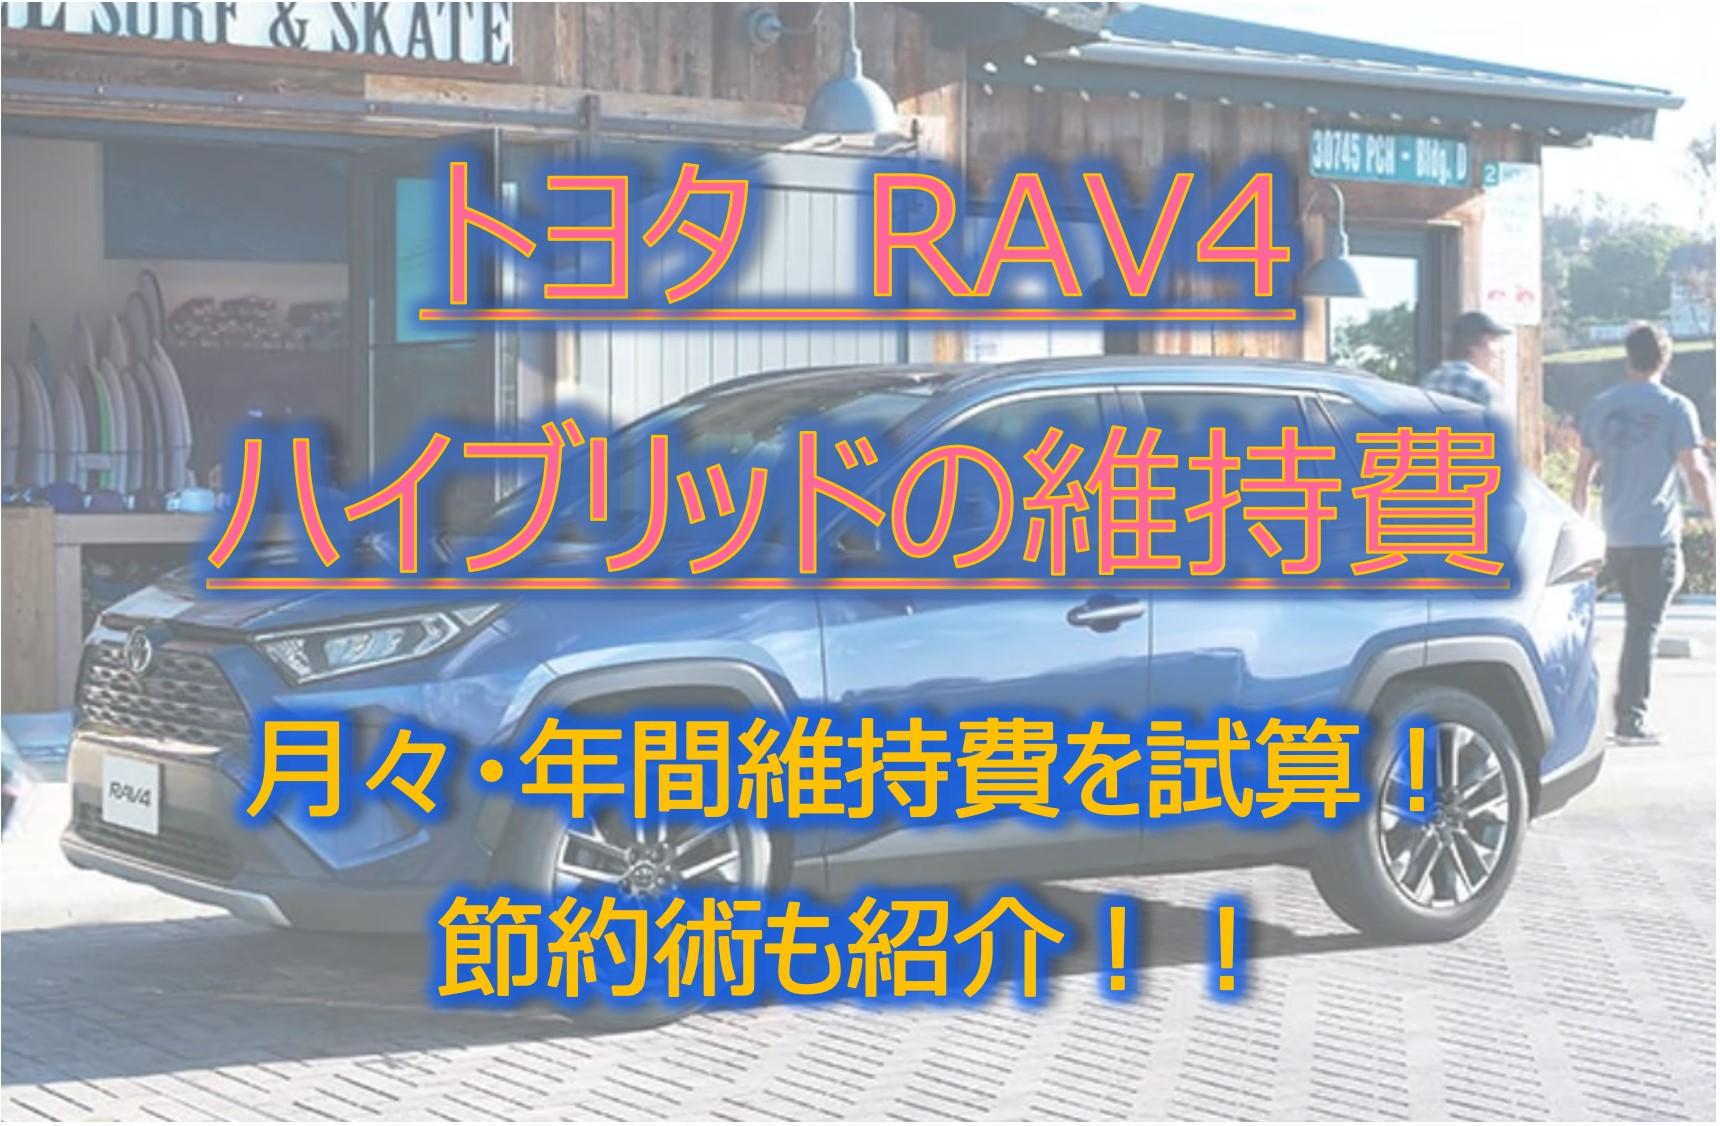 RAV4_HV_維持費